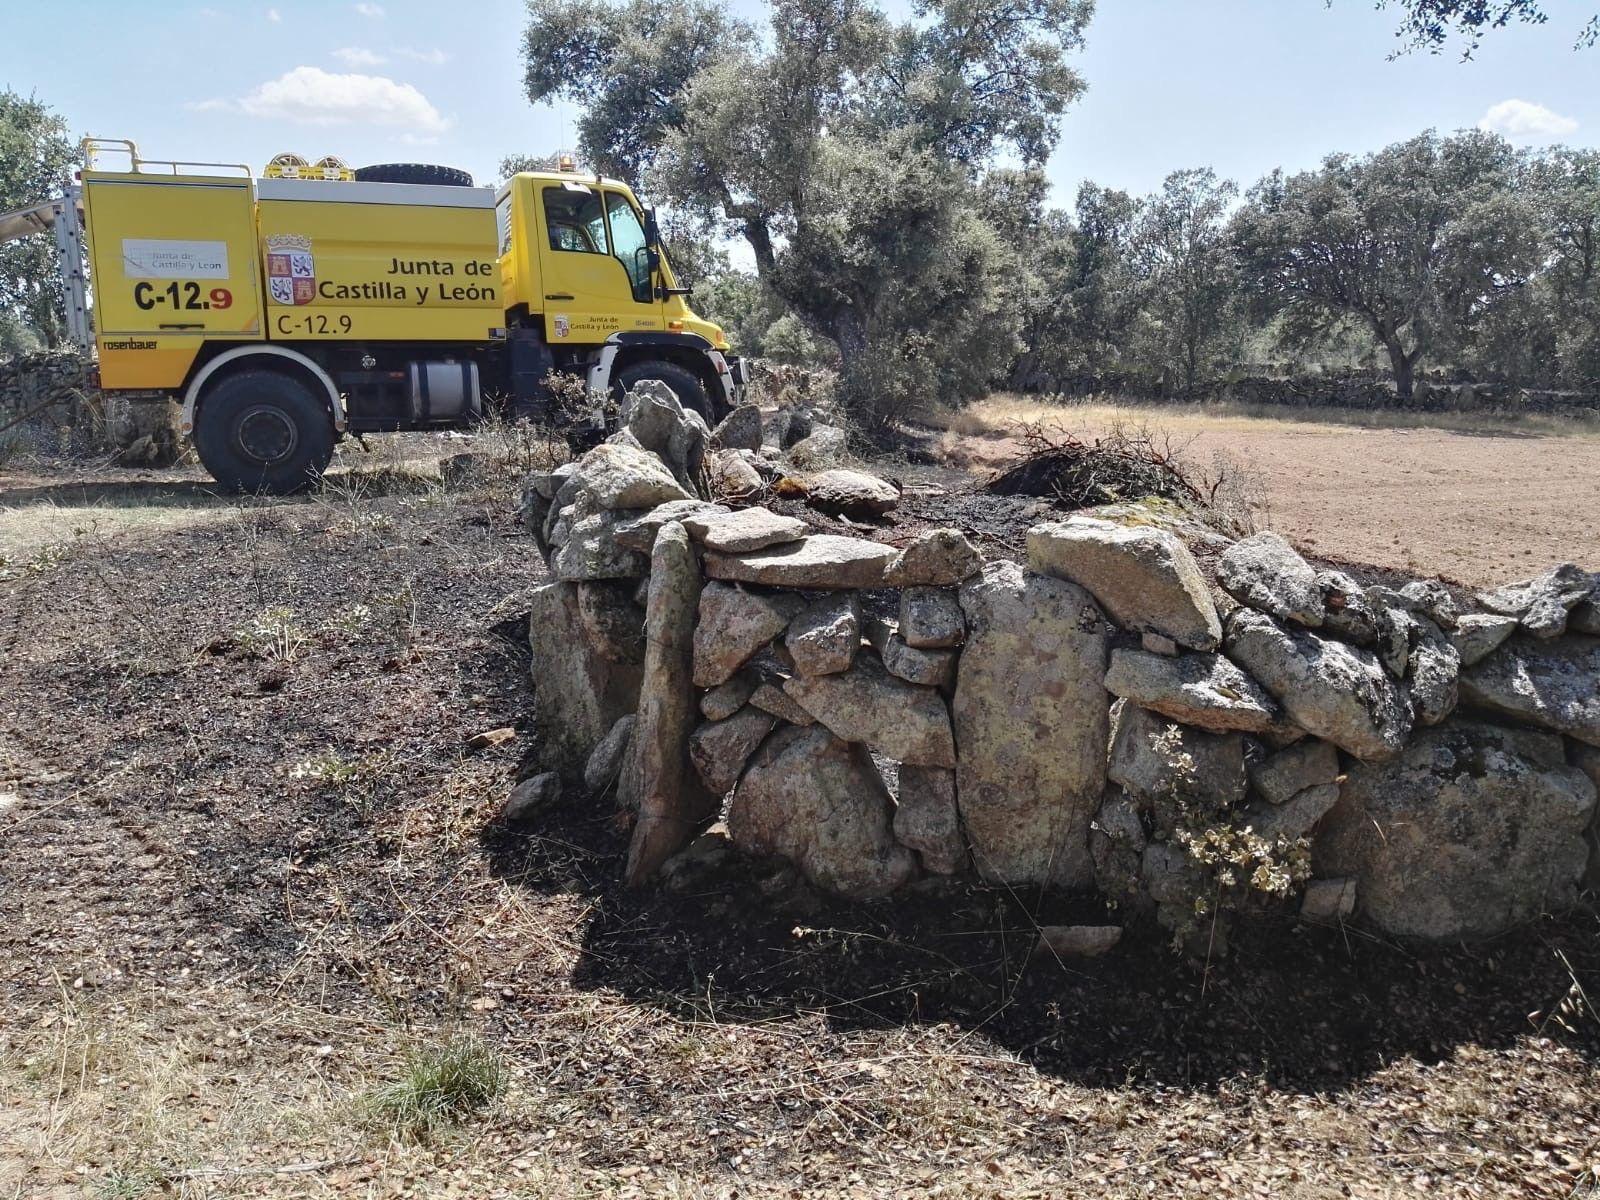 Dos incendios forestales en Torregamones movilizan a un amplio operativo de extinción